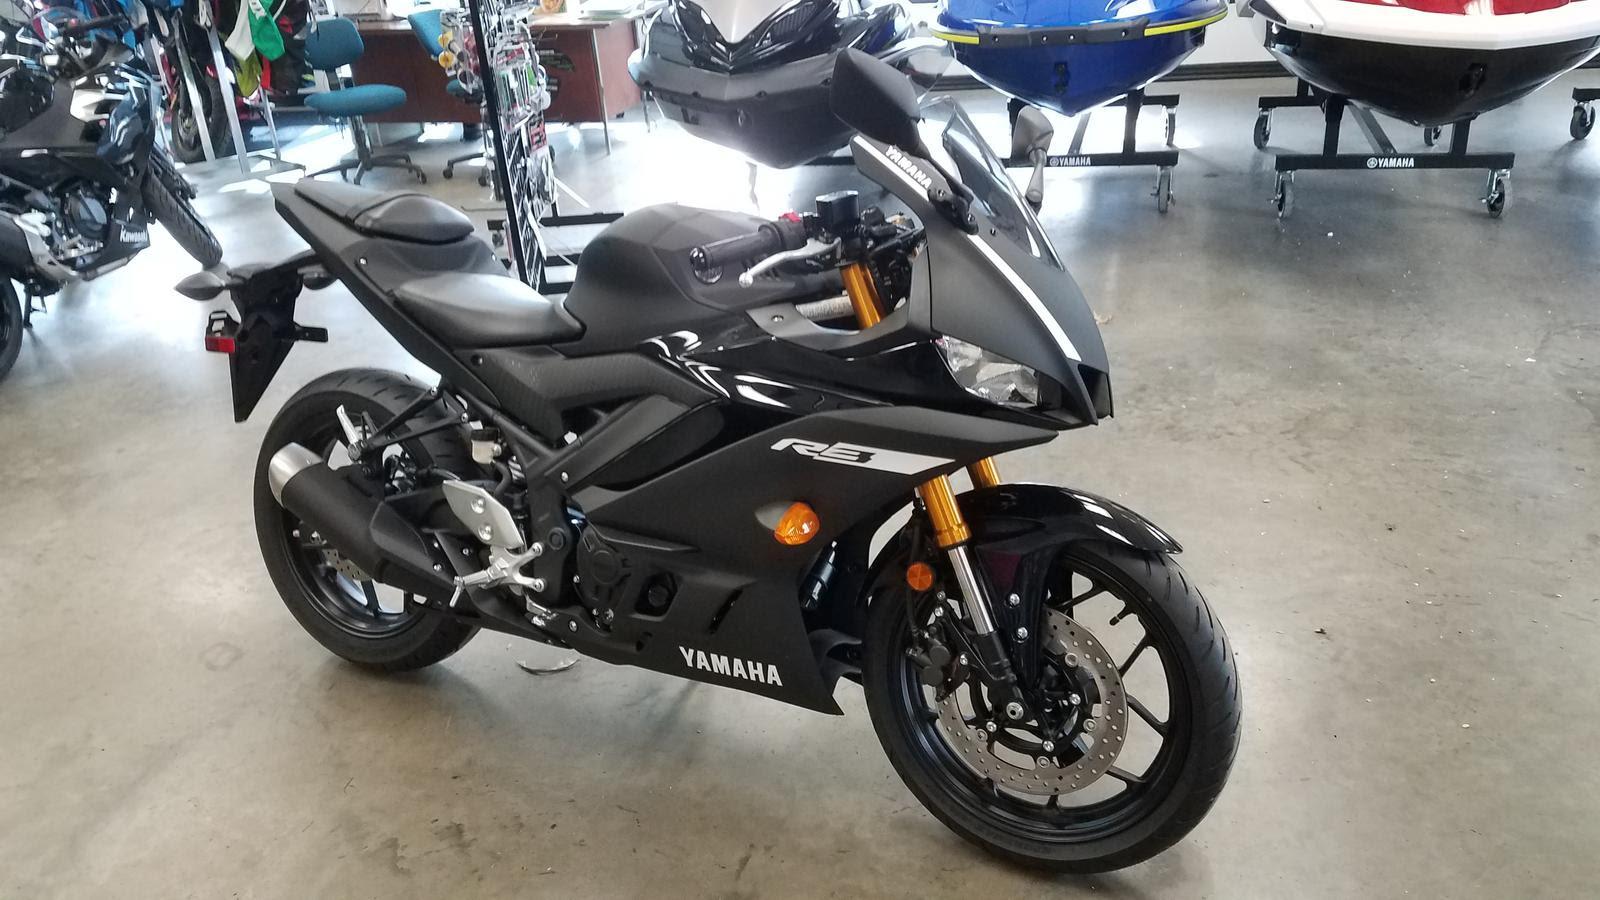 2019 Yamaha Yzf R3 Black